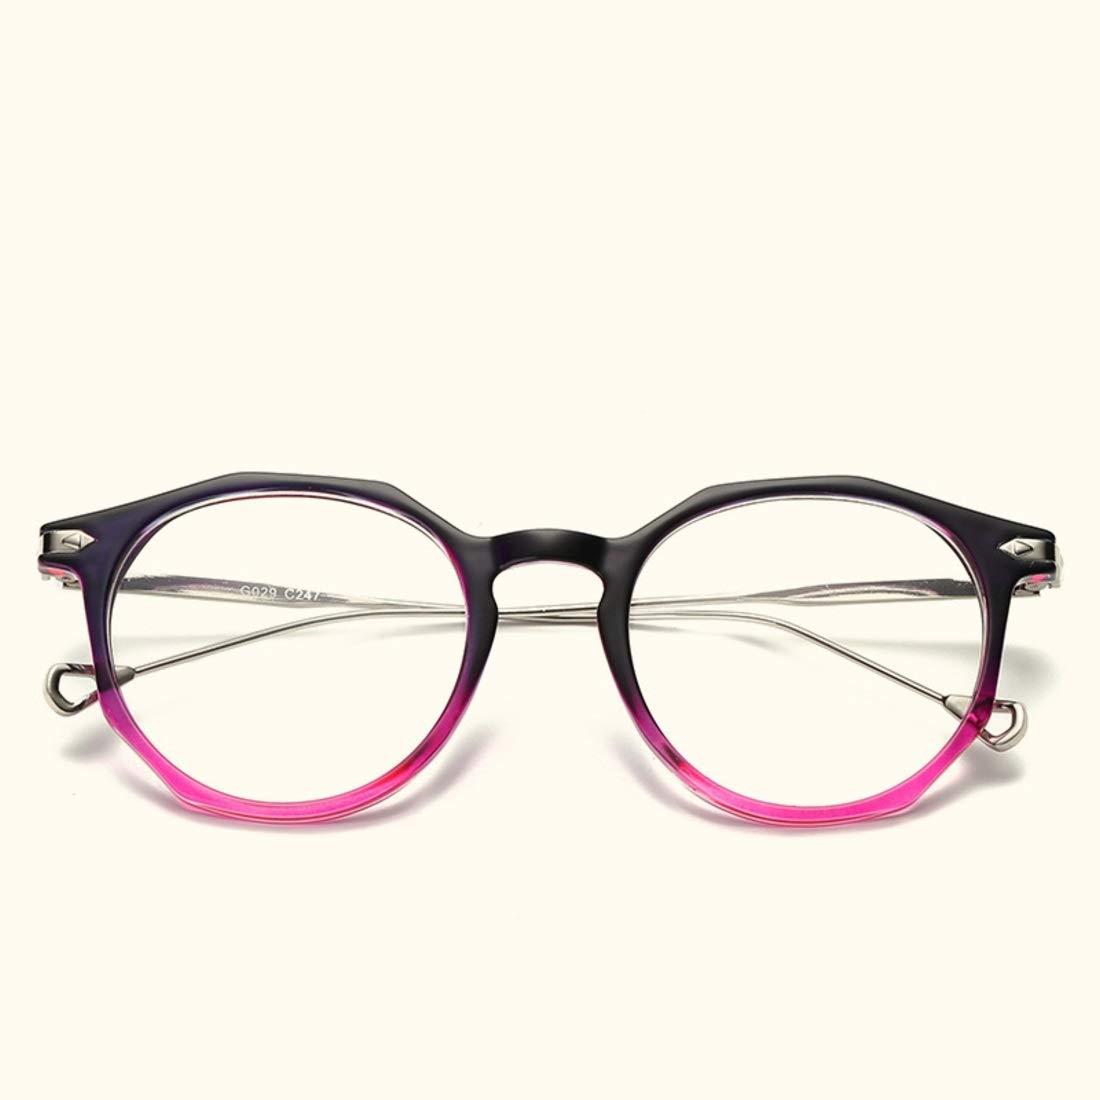 3bd8578314 Kajuer Gafas de Montura Cuadrada Gafas metálicas Planas Gafas para Mujeres  Gafas para Mujeres/Hombres Gafas Redondas (Color : Pink): Amazon.com.mx:  Hogar y ...